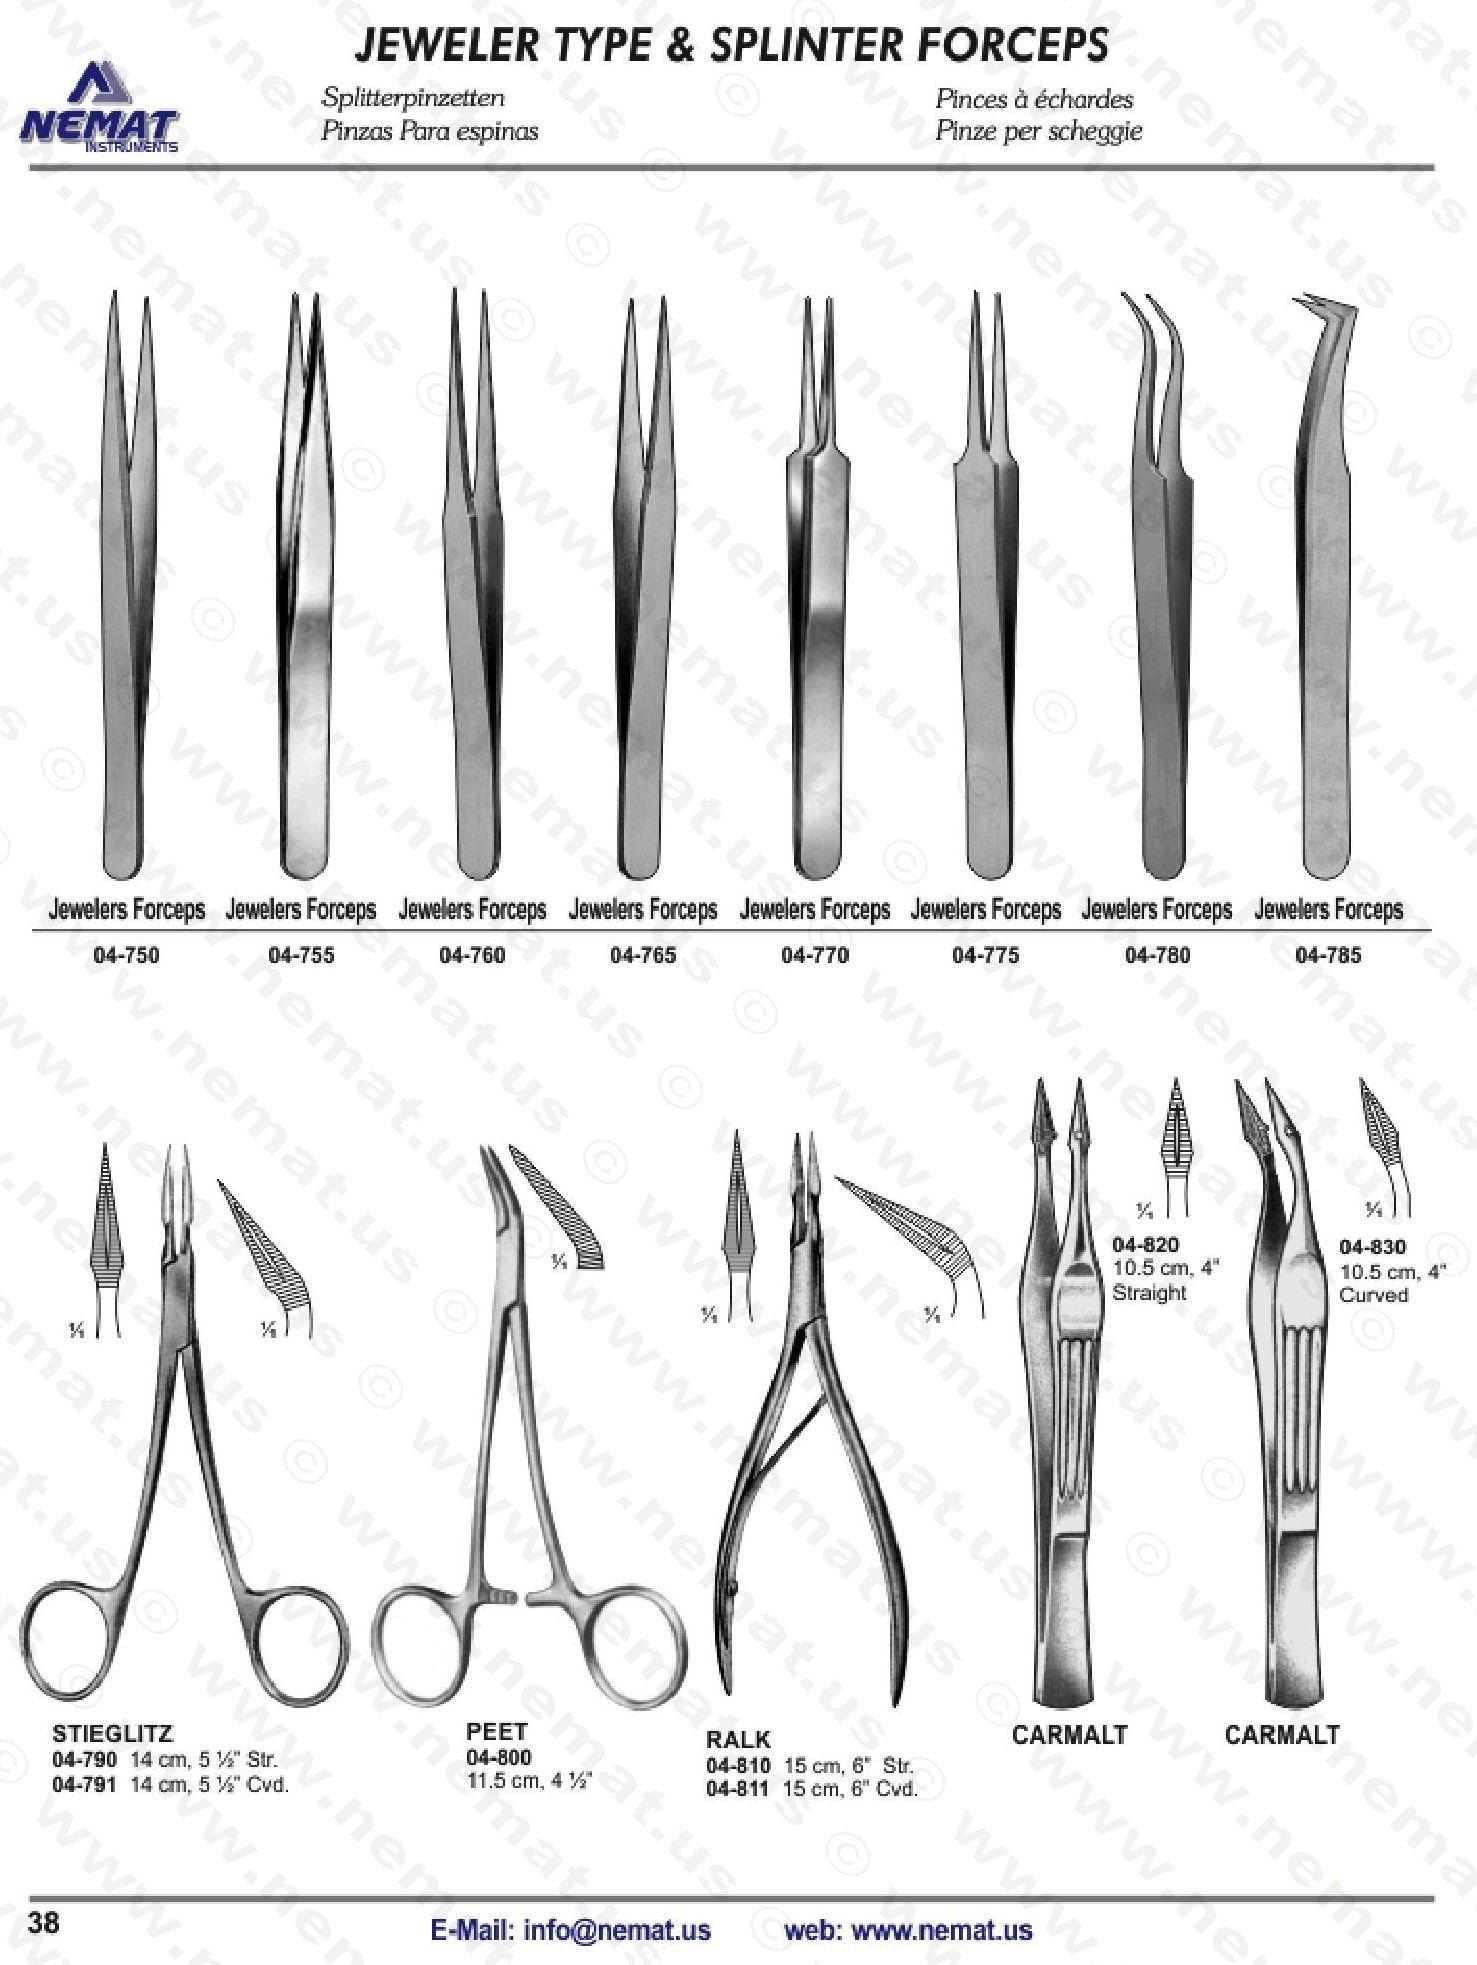 Jeweler Type Splinter Forceps